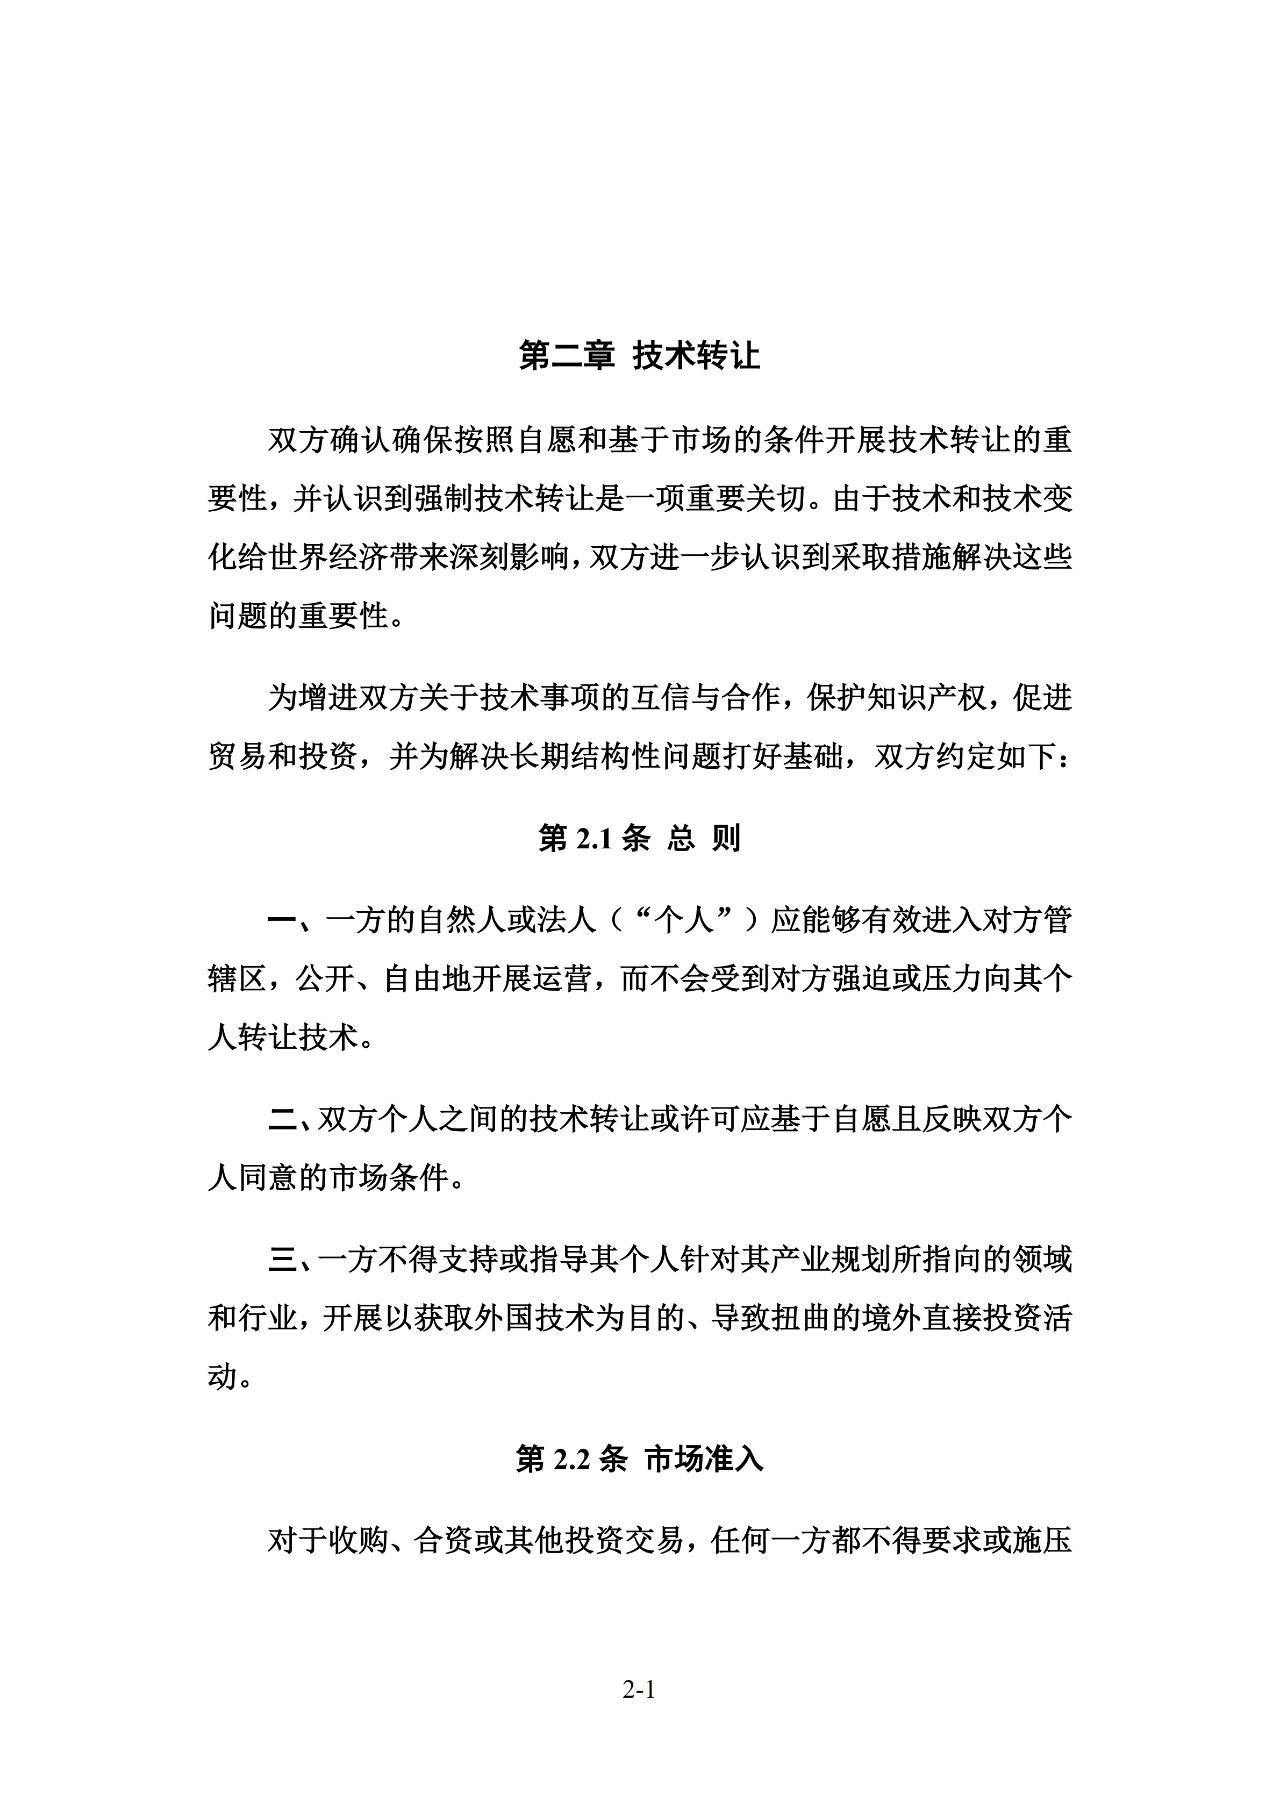 中美协议签了!涉及知识产权、技术转让签了啥?